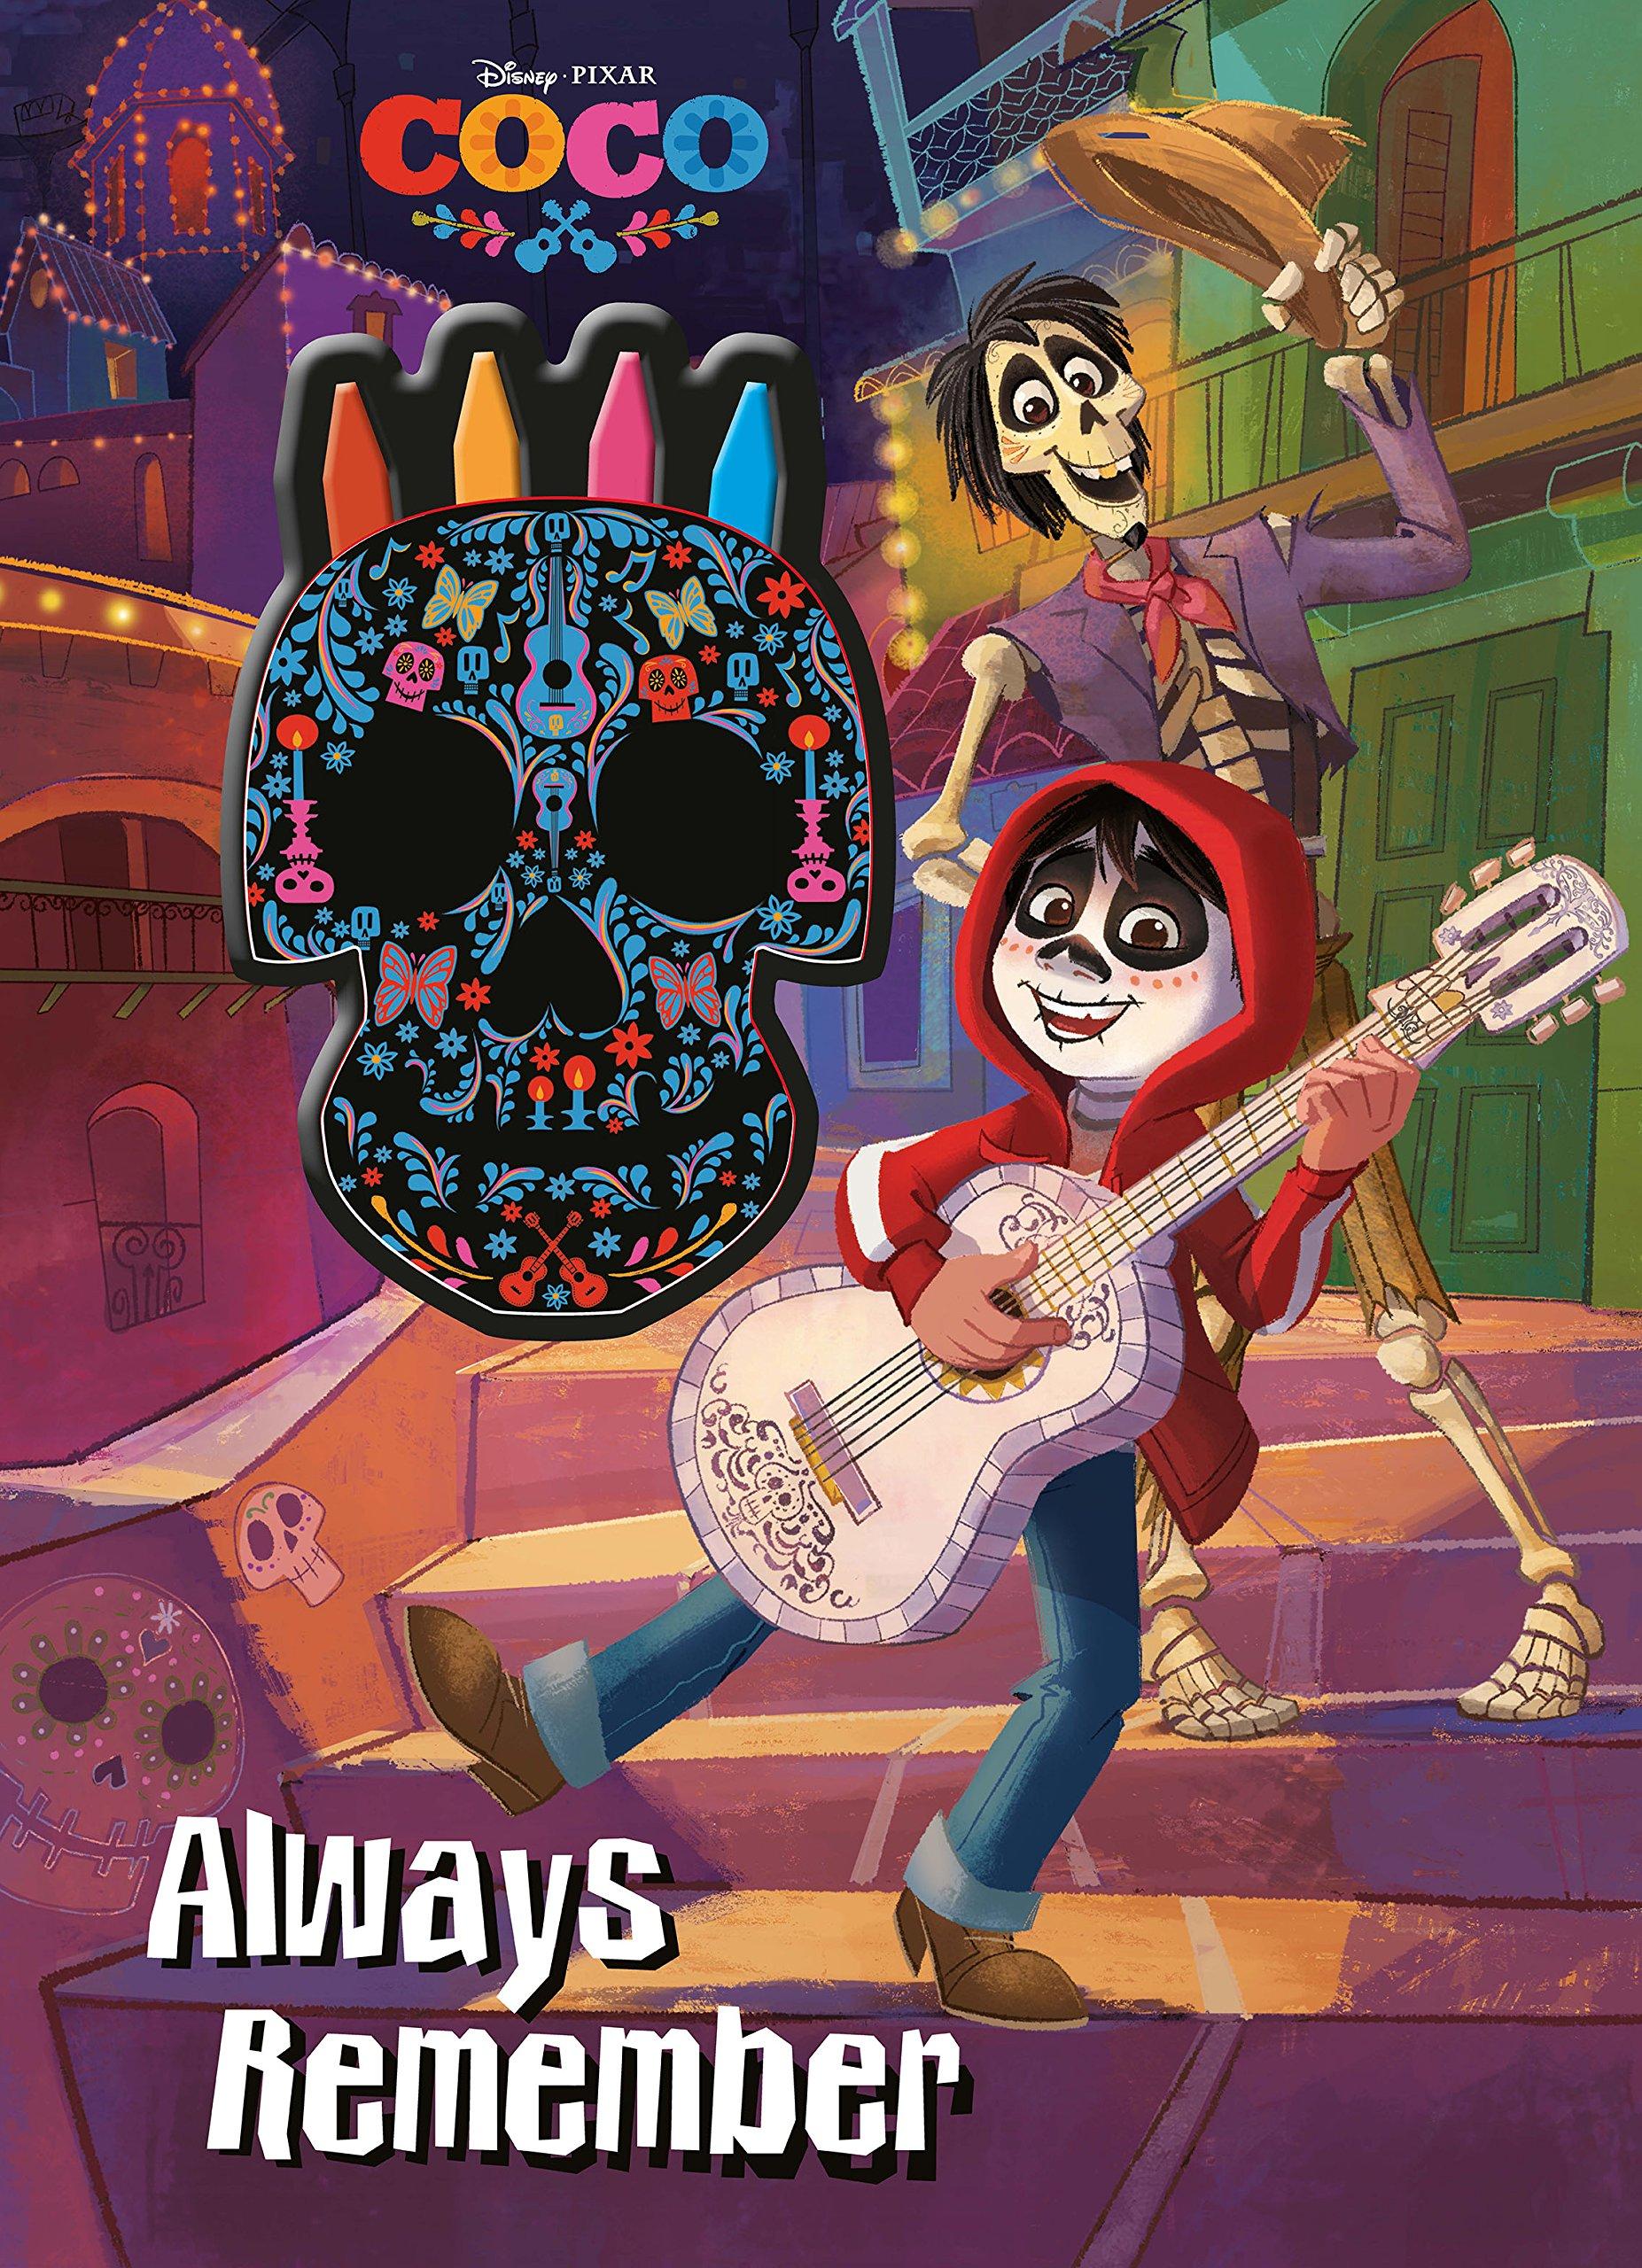 Critique du livre Disney Pixar COCO Always Remember de Parragon